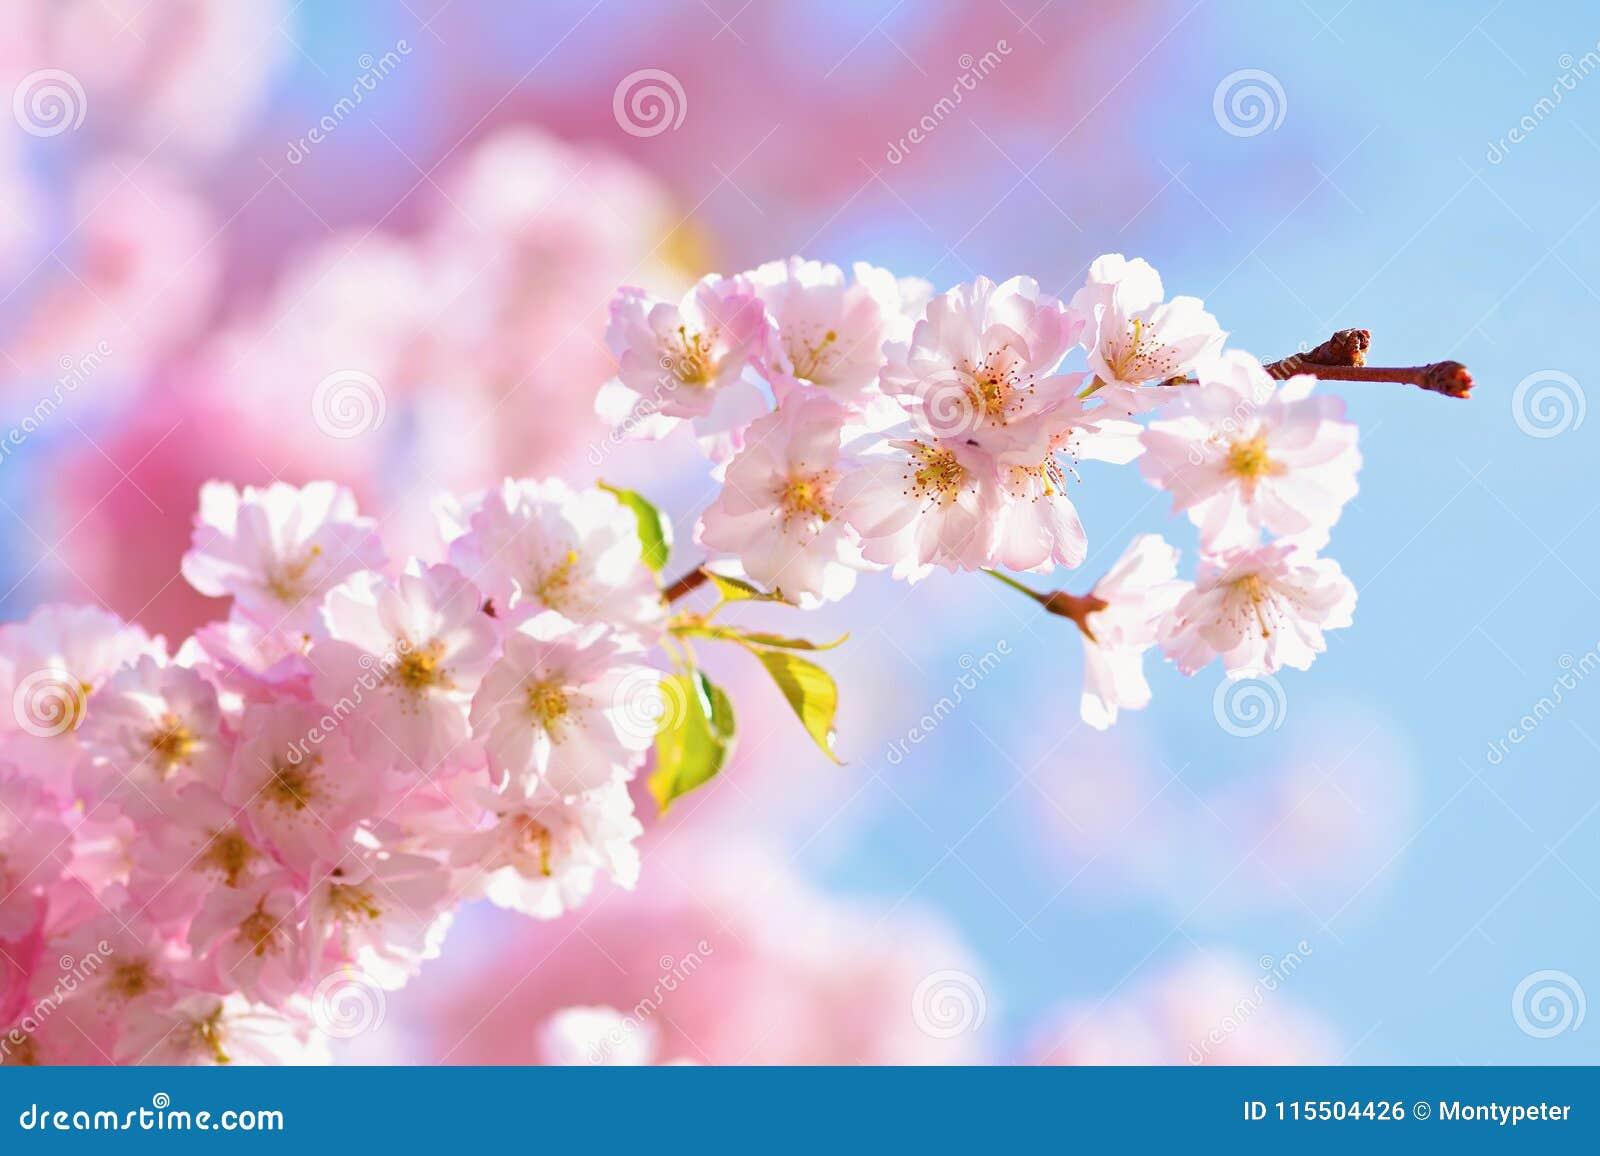 Árbol del flor fondo de la naturaleza en día soleado Apenas llovido encendido Huerta hermosa y fondo borroso extracto Concepto pa